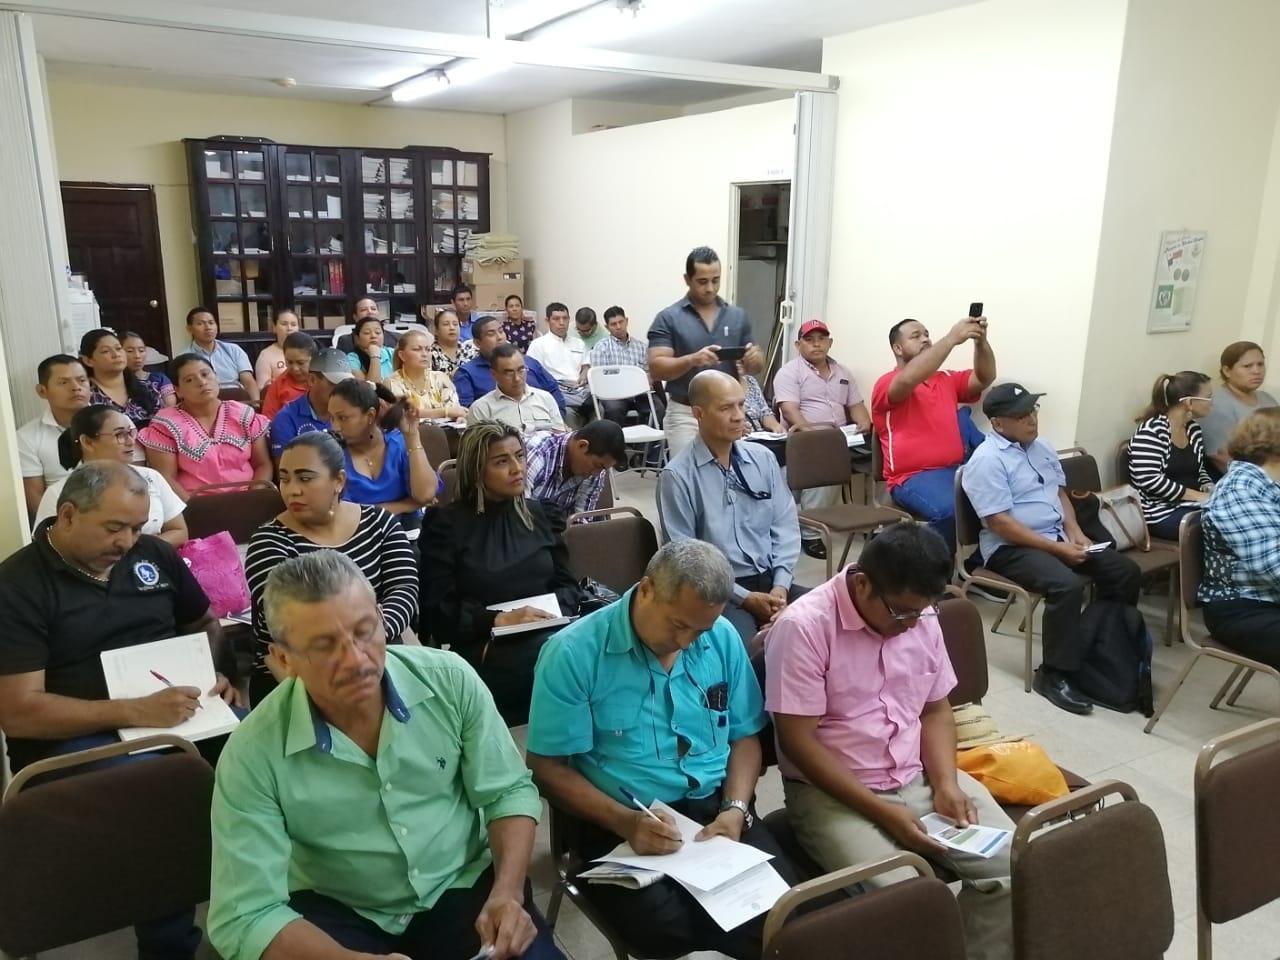 Jueces de Paz de Veraguas y Comarca de Ñürürm reciben capacitación sobre participación ciudadana